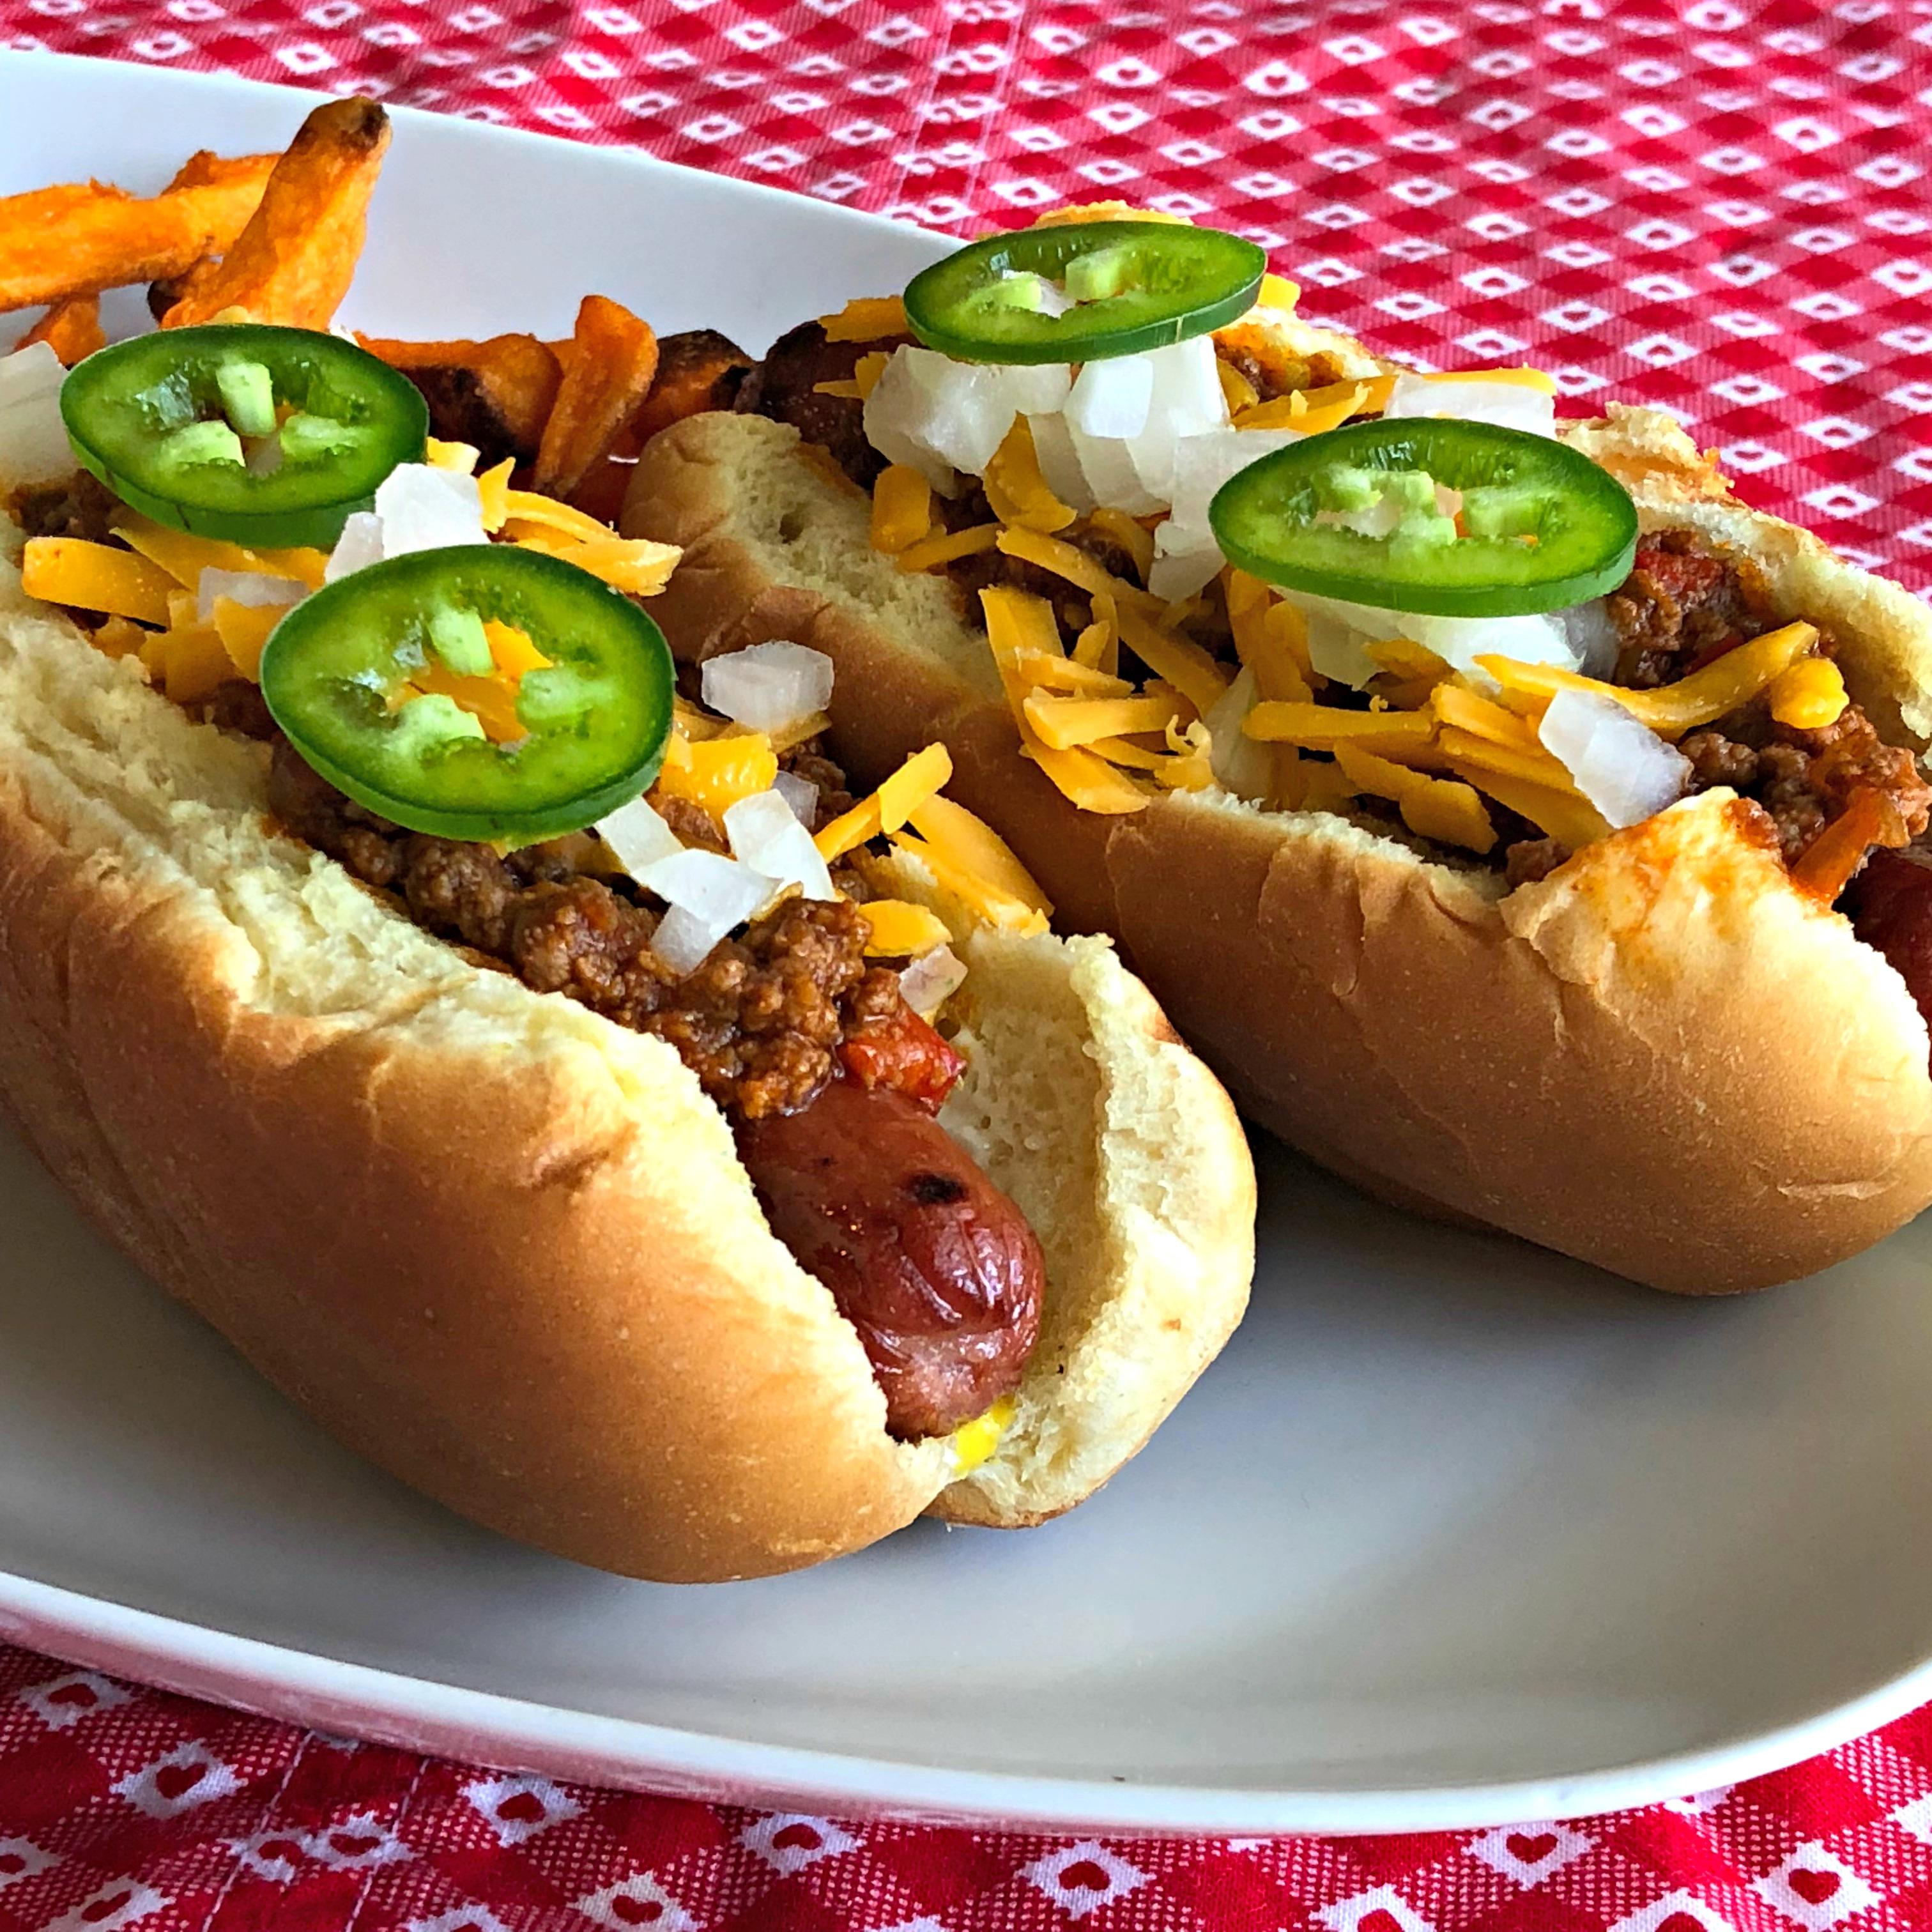 Texas Chili Dog